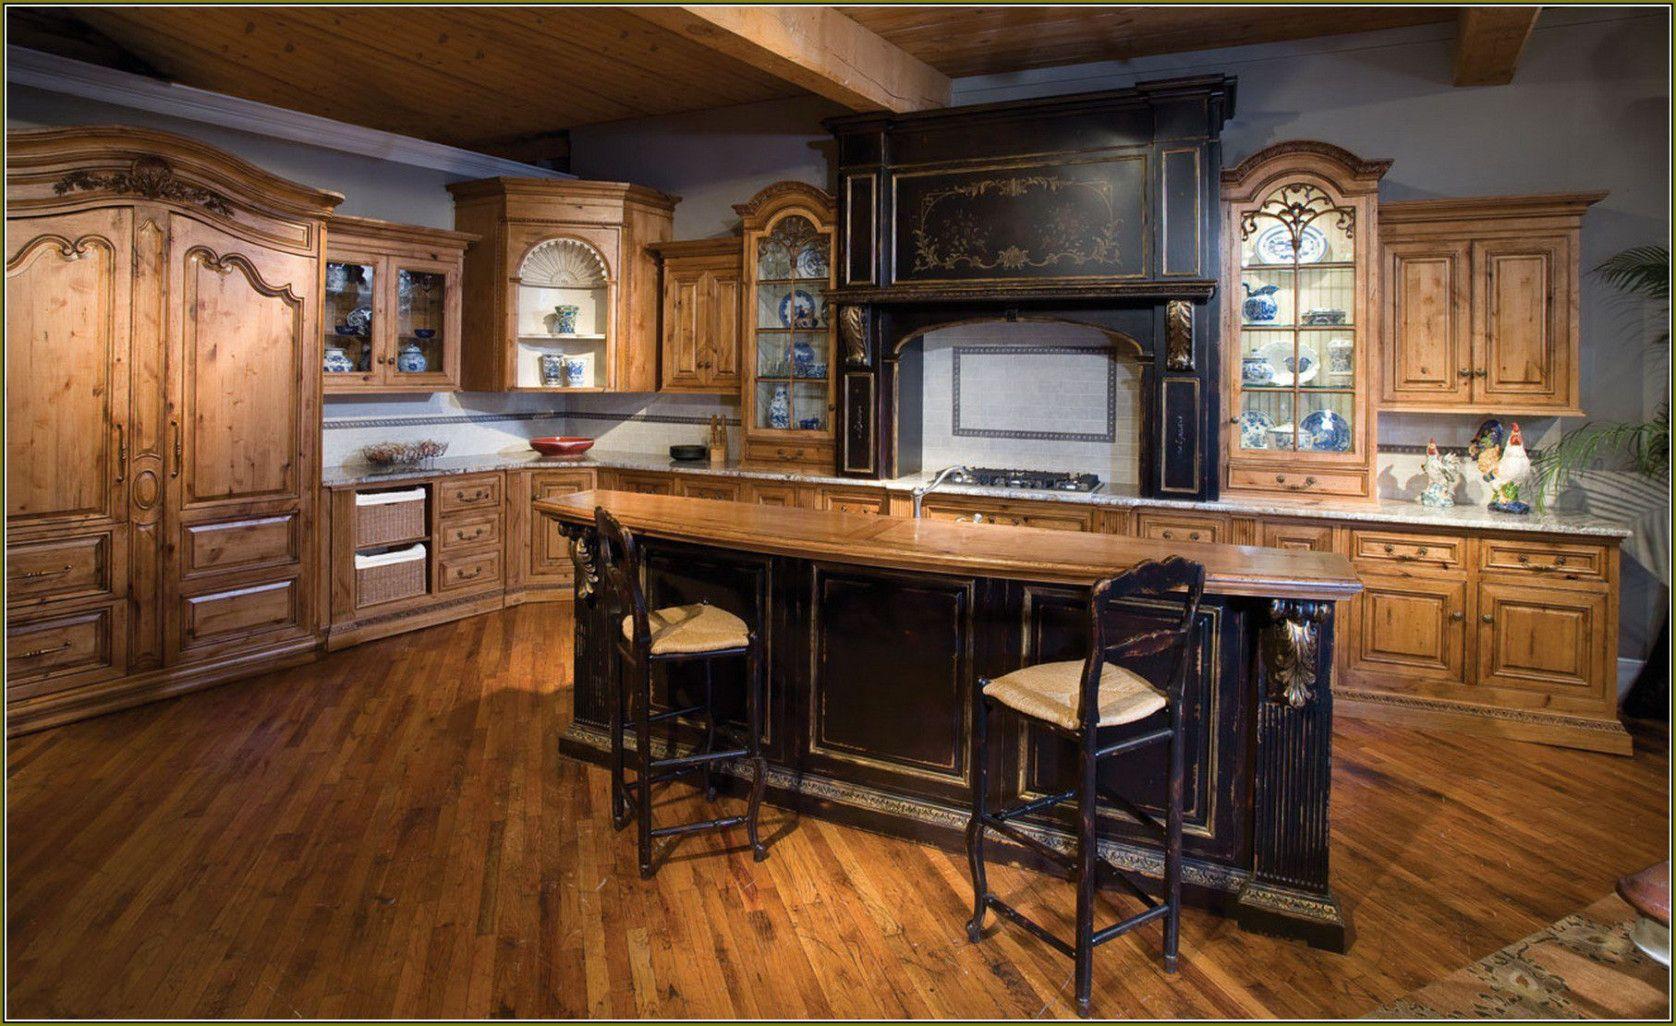 55 kitchen cabinets solid wood construction corner kitchen rh pinterest com knotty alder kitchen cabinets solid wood construction